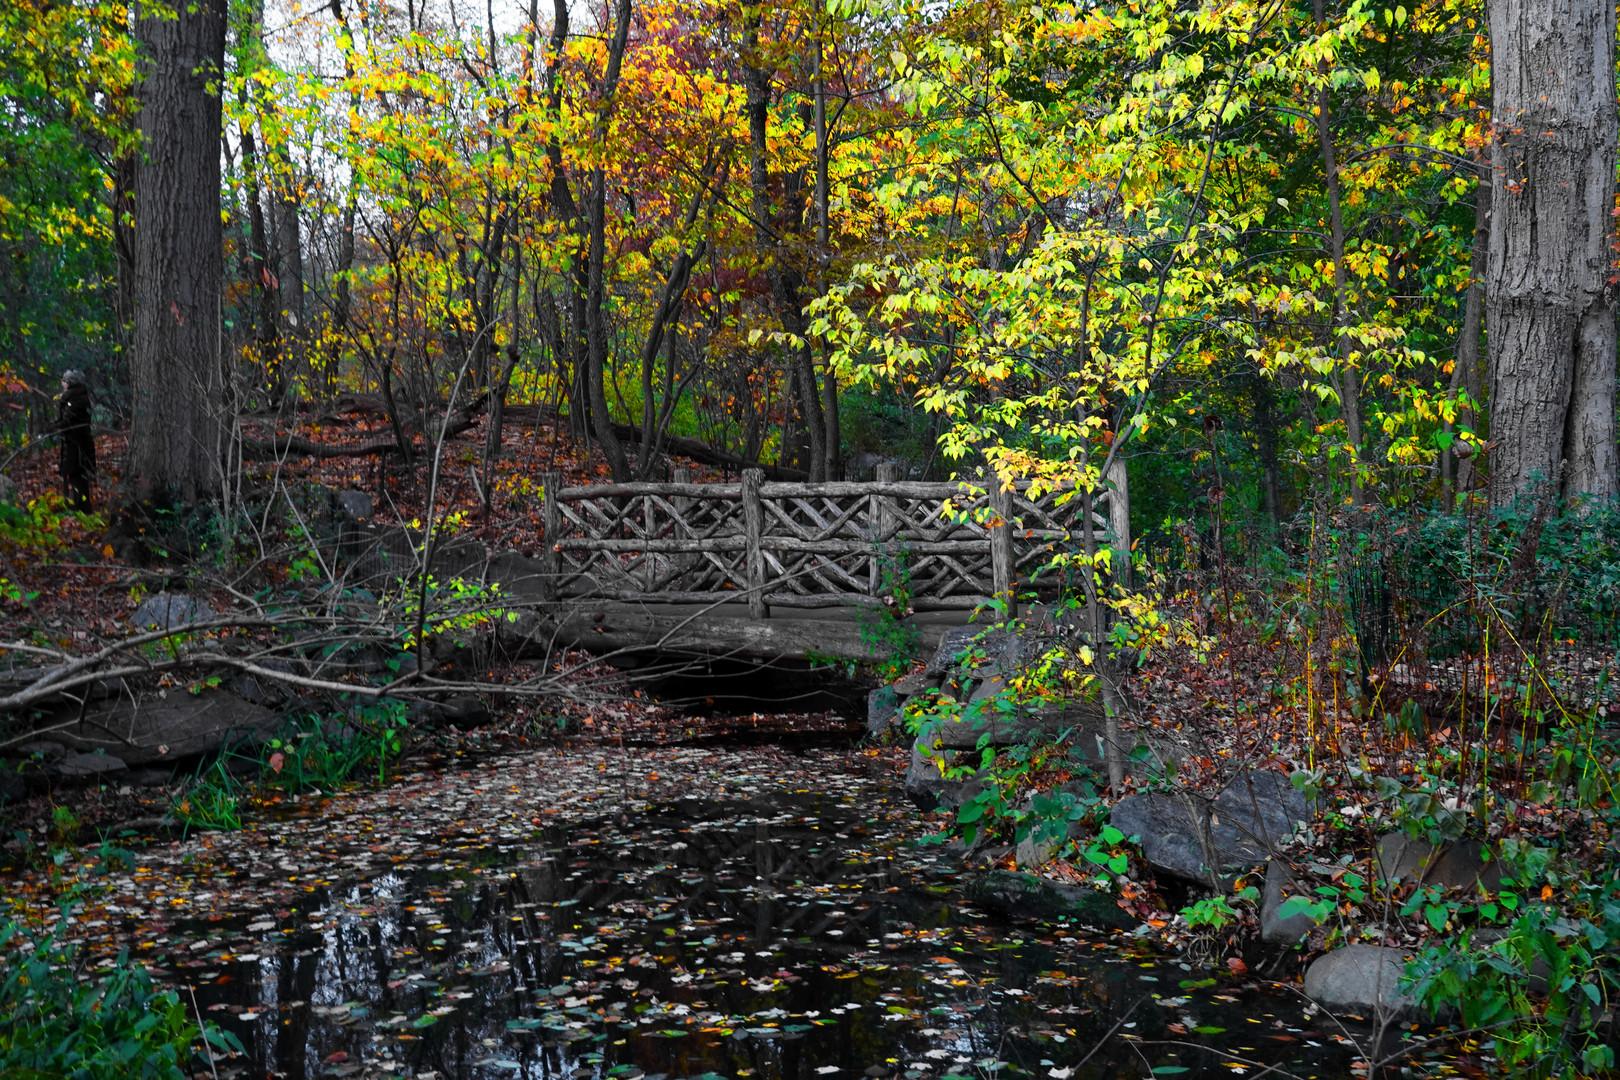 A Rustic Bridge in the Ramble - A Central Park Impression